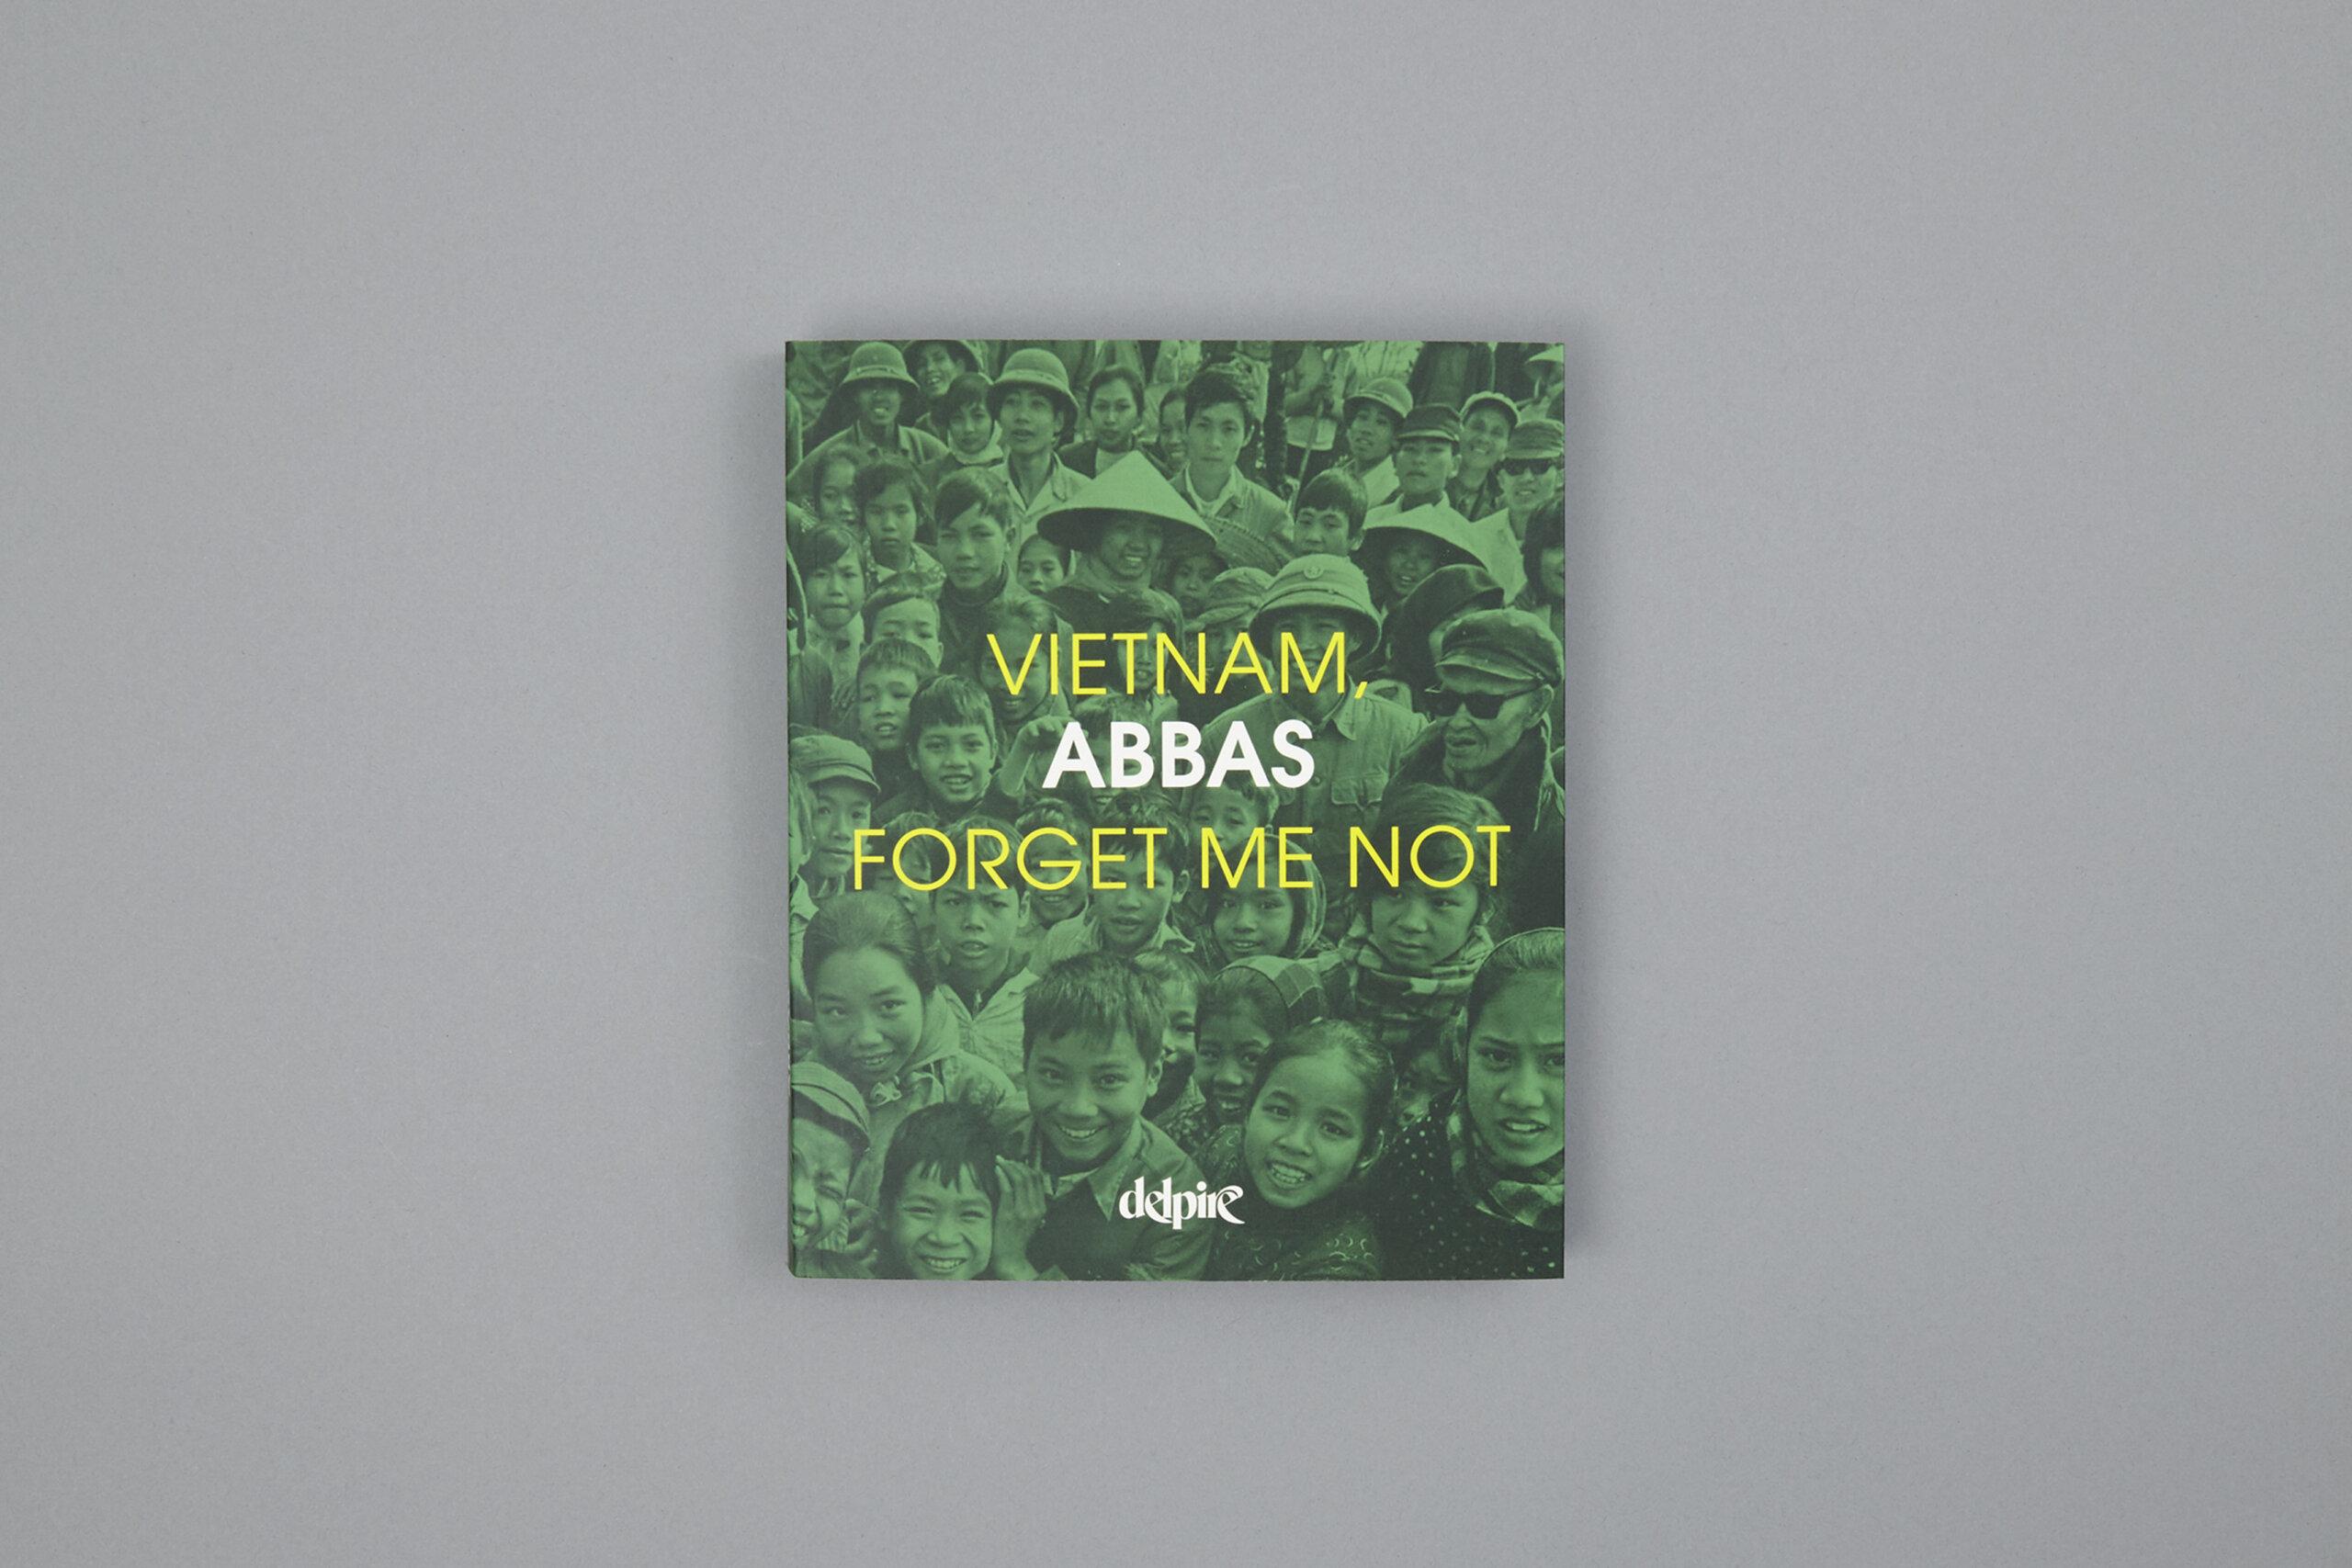 delpire-ABBAS-vietnam-forget-me-not